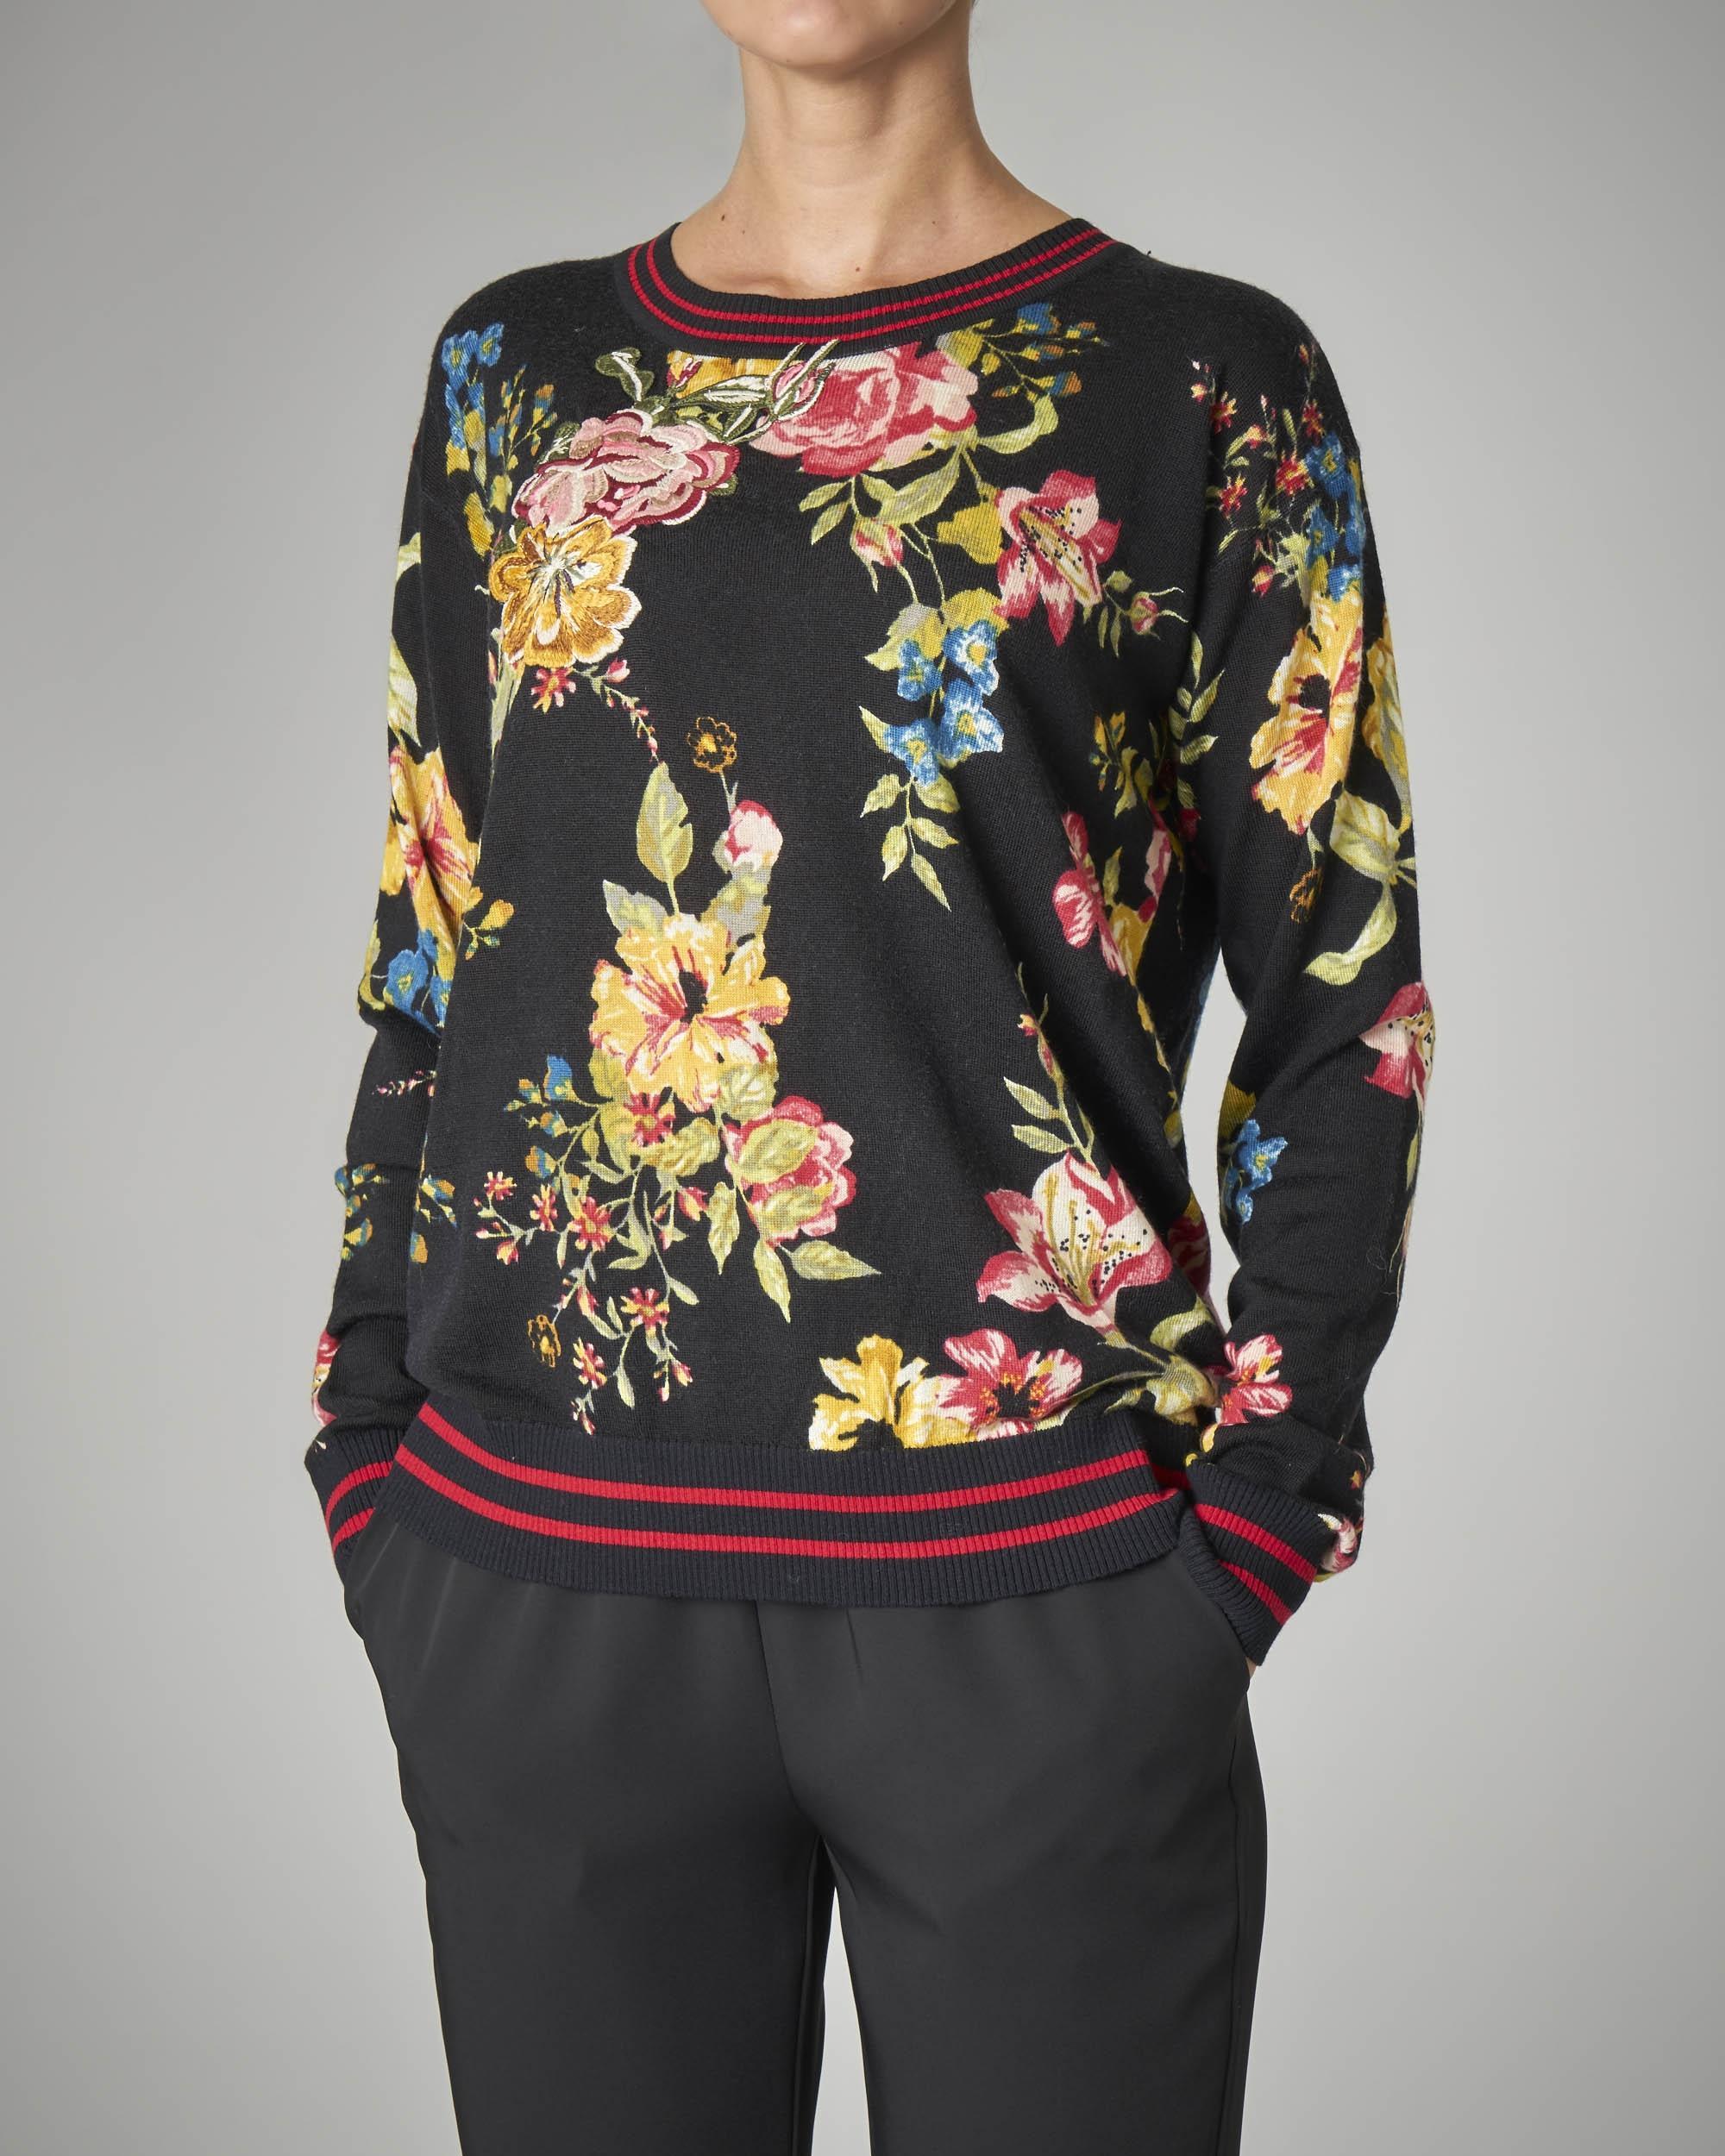 Maglia girocollo nera in lana a stampa floreale